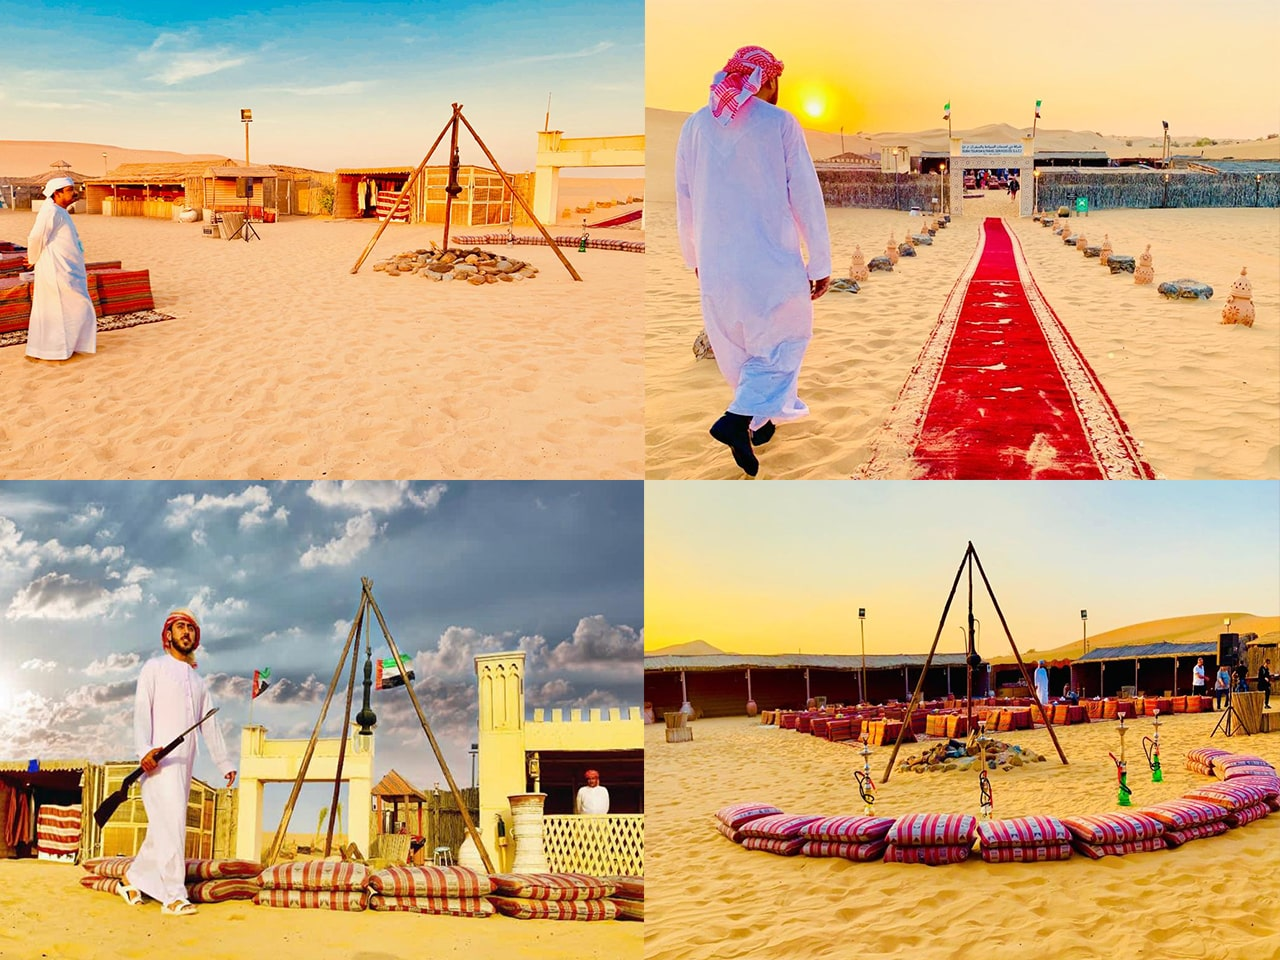 Dubai-Desert-Safari-Gallery-2